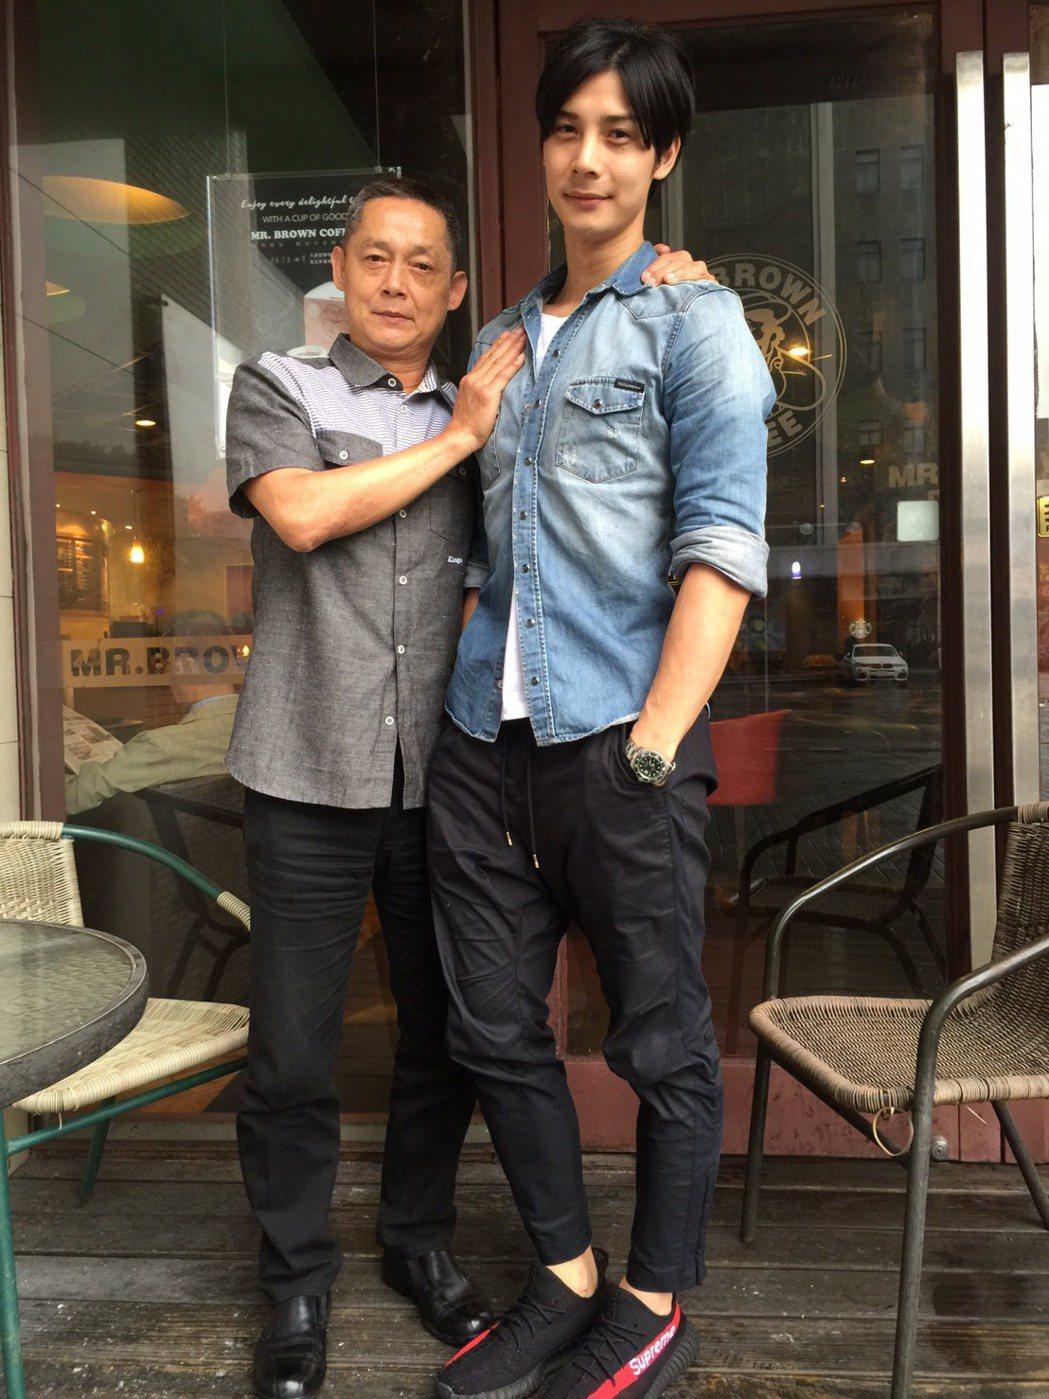 資深演員鄭平君簽入兒子鄭凱經紀公司,竟成了兒子的師弟。記者陳慧貞/攝影